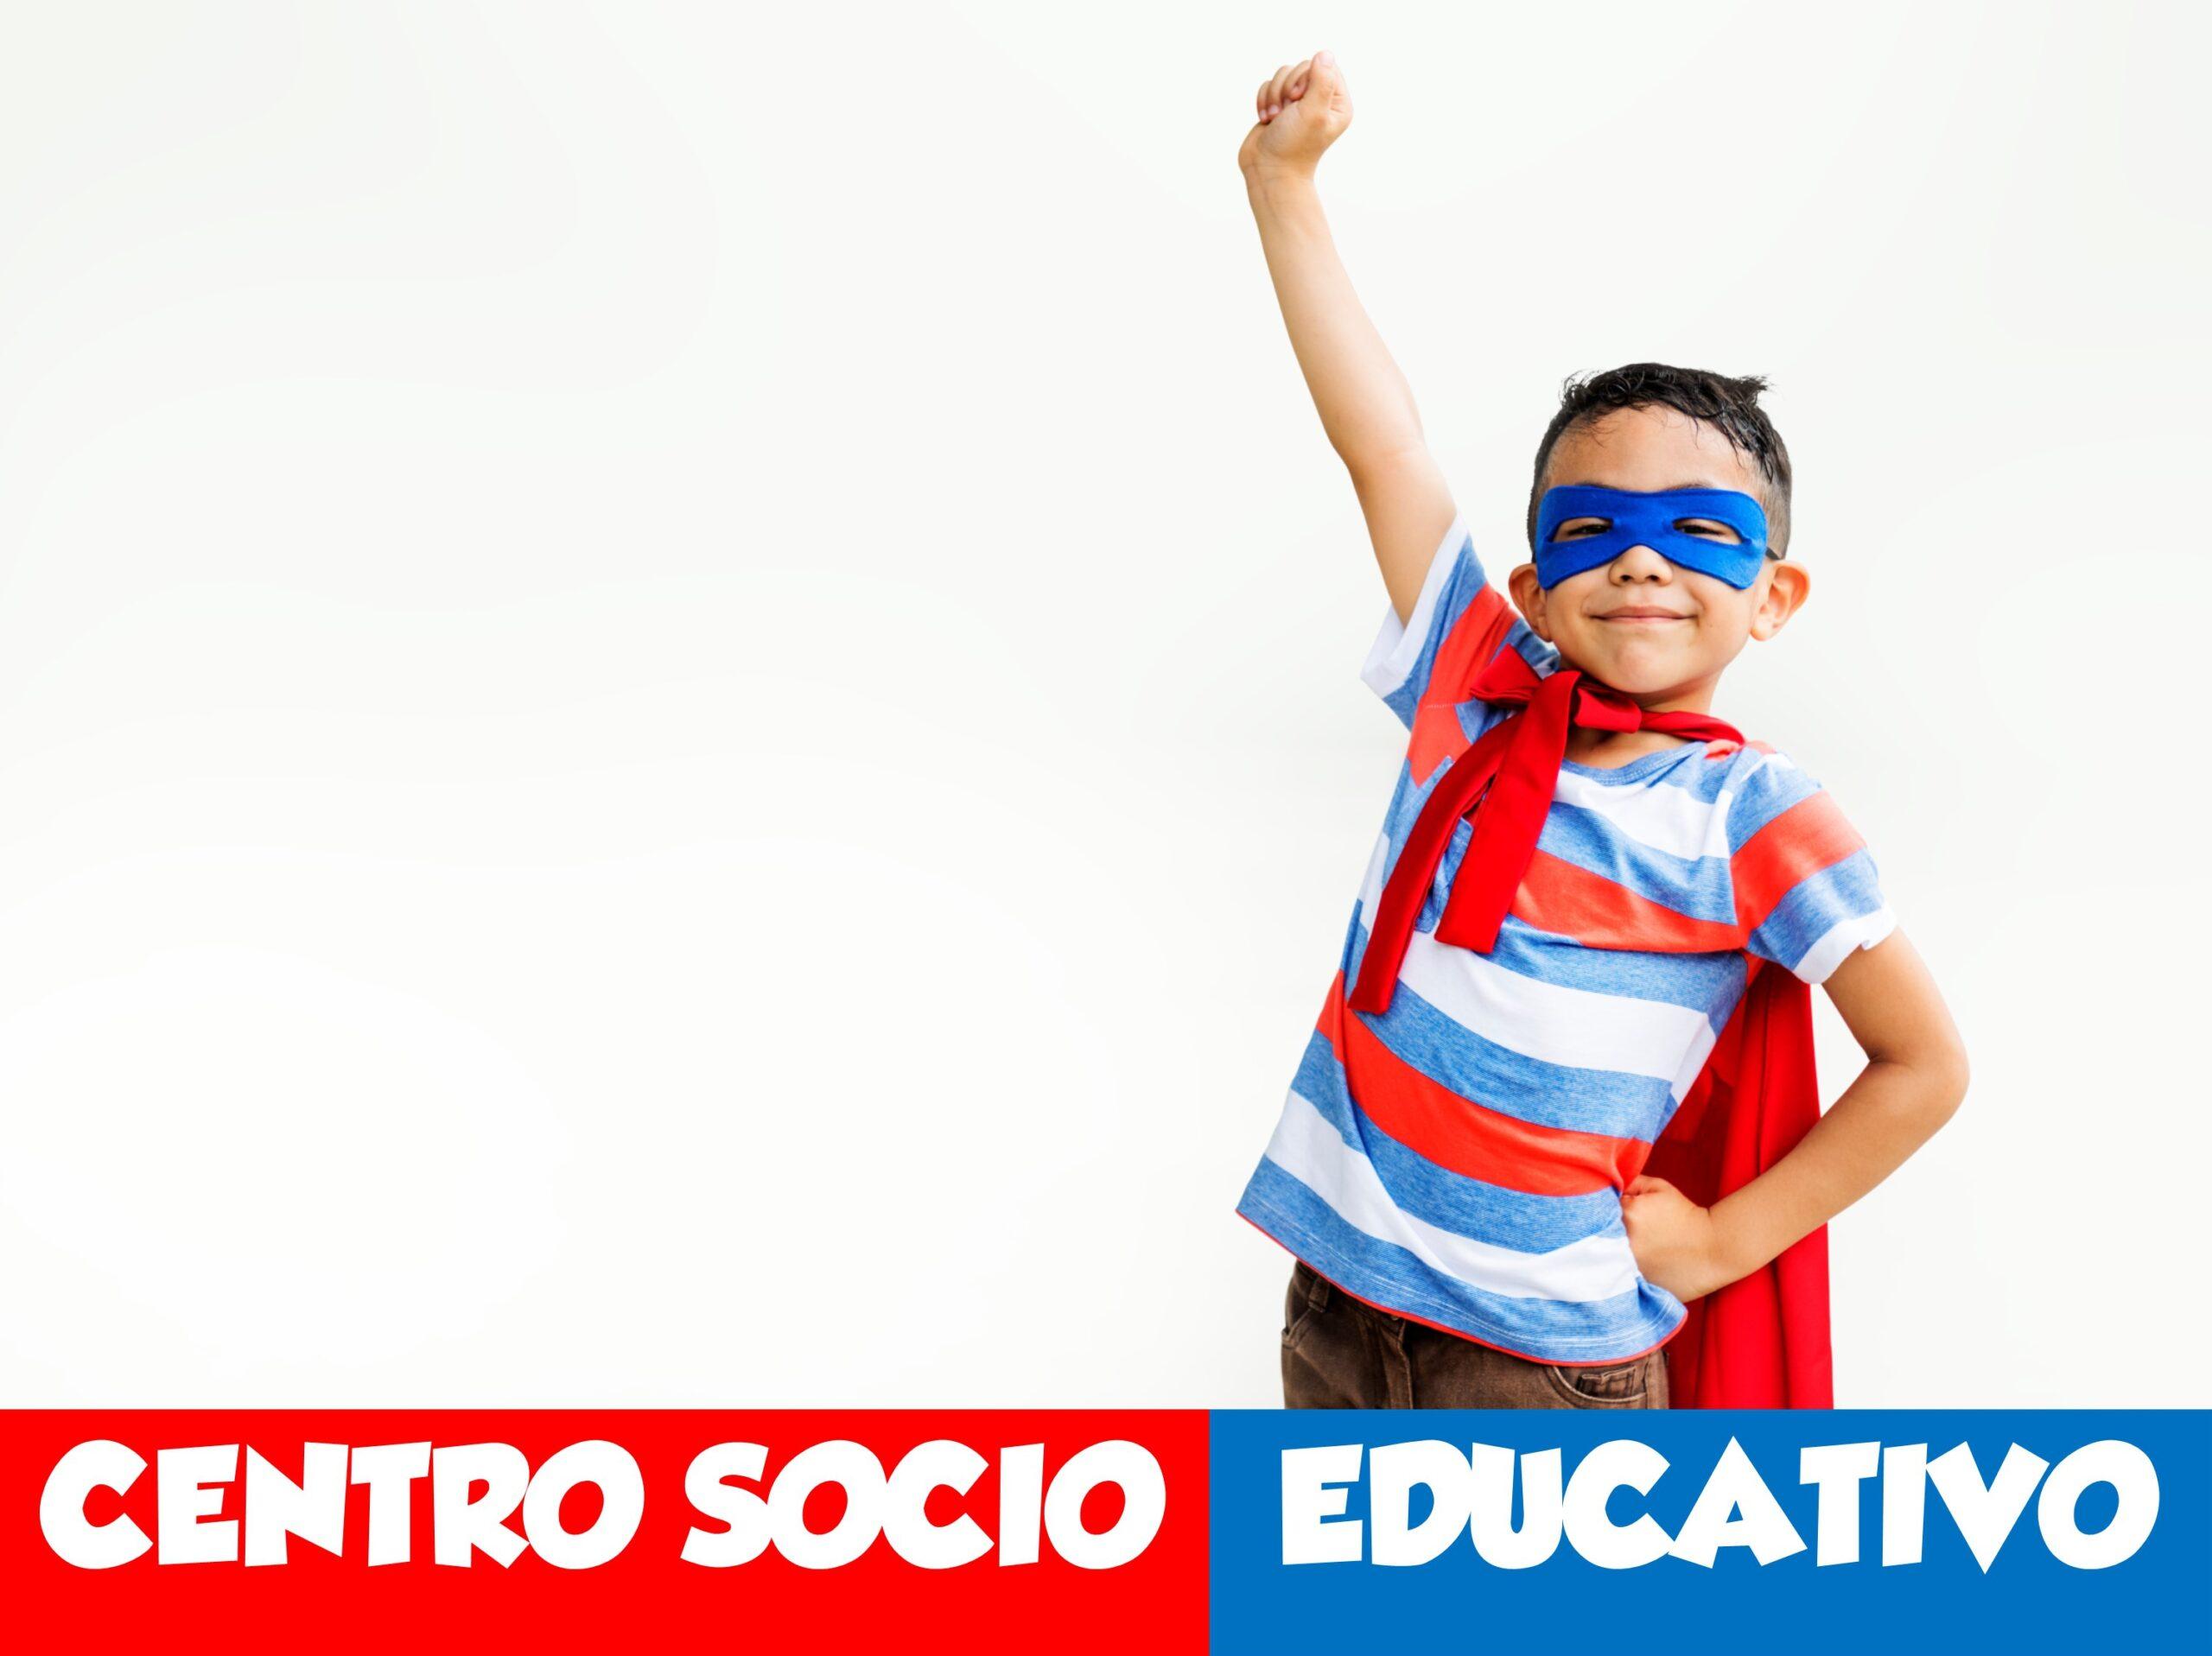 CENTRO SOCIO EDICATIVO LOGO OK_modificata